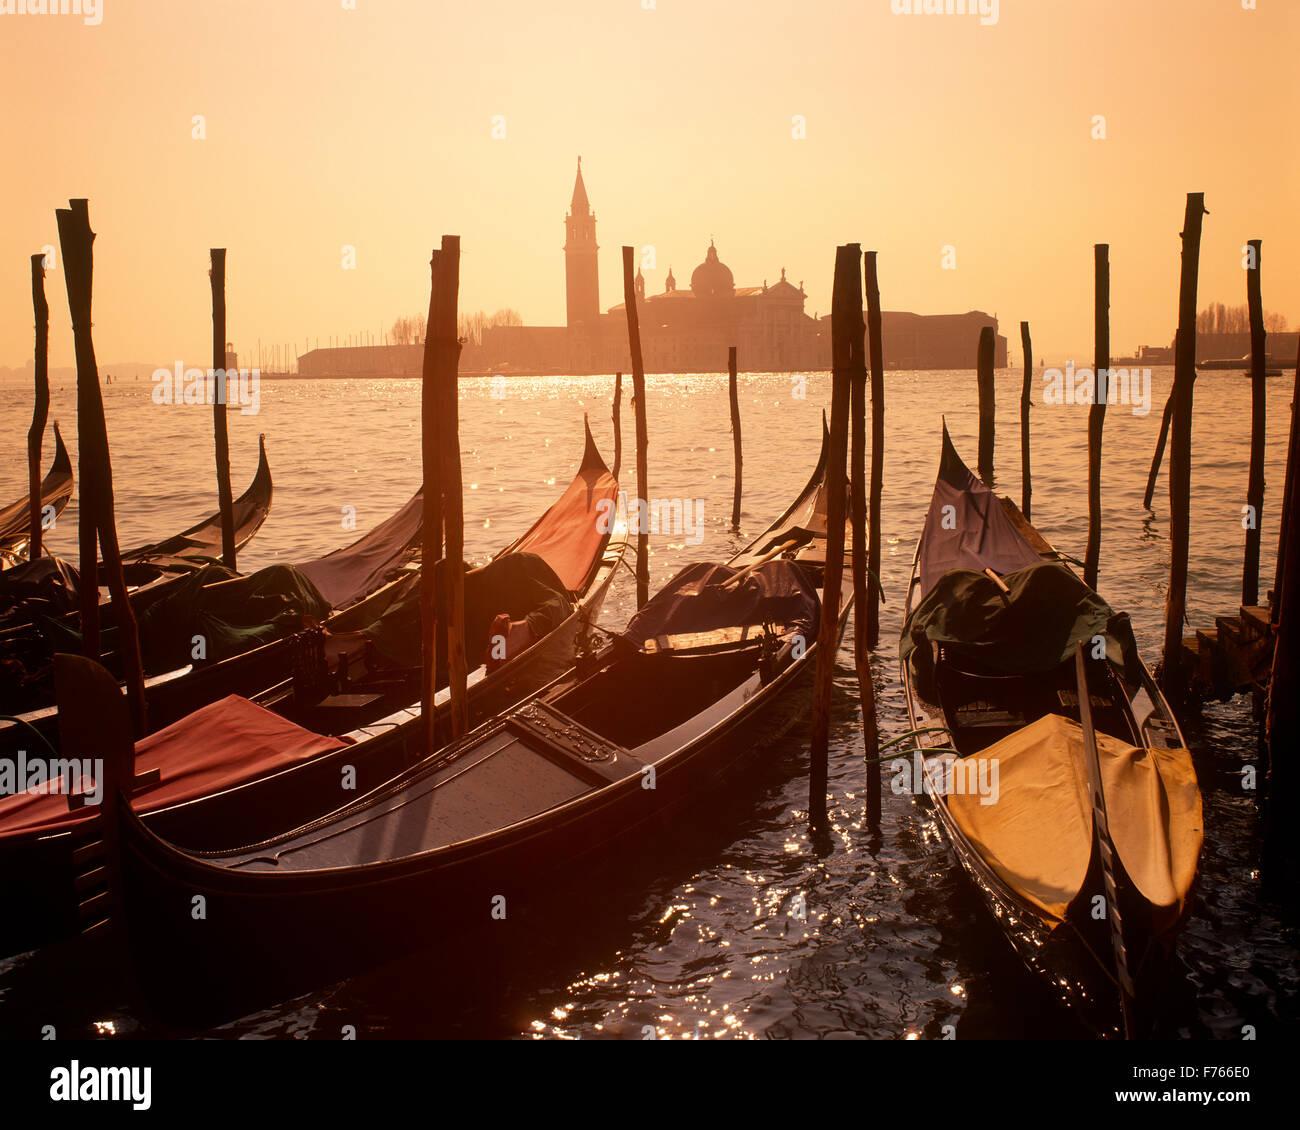 St.Marks Basin and  gondolas, Venice, Veneto, Italy - Stock Image